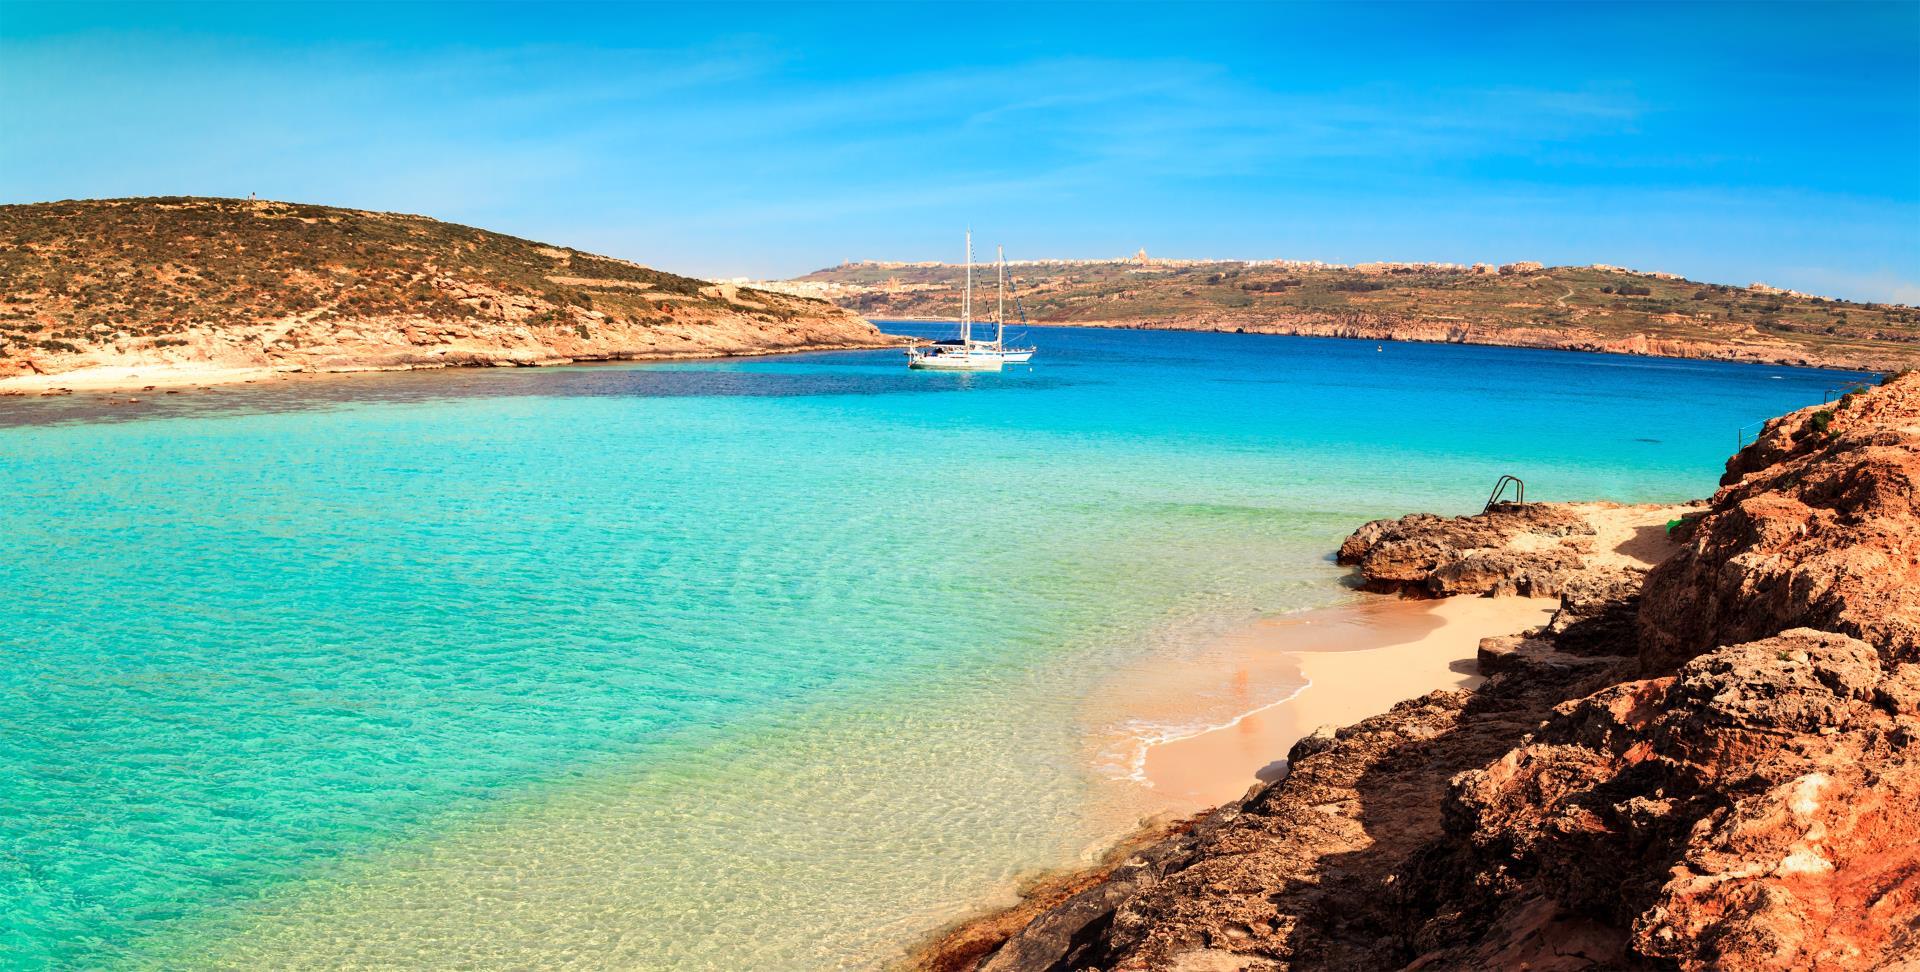 Sfeerimpressie zonvakantie Malta